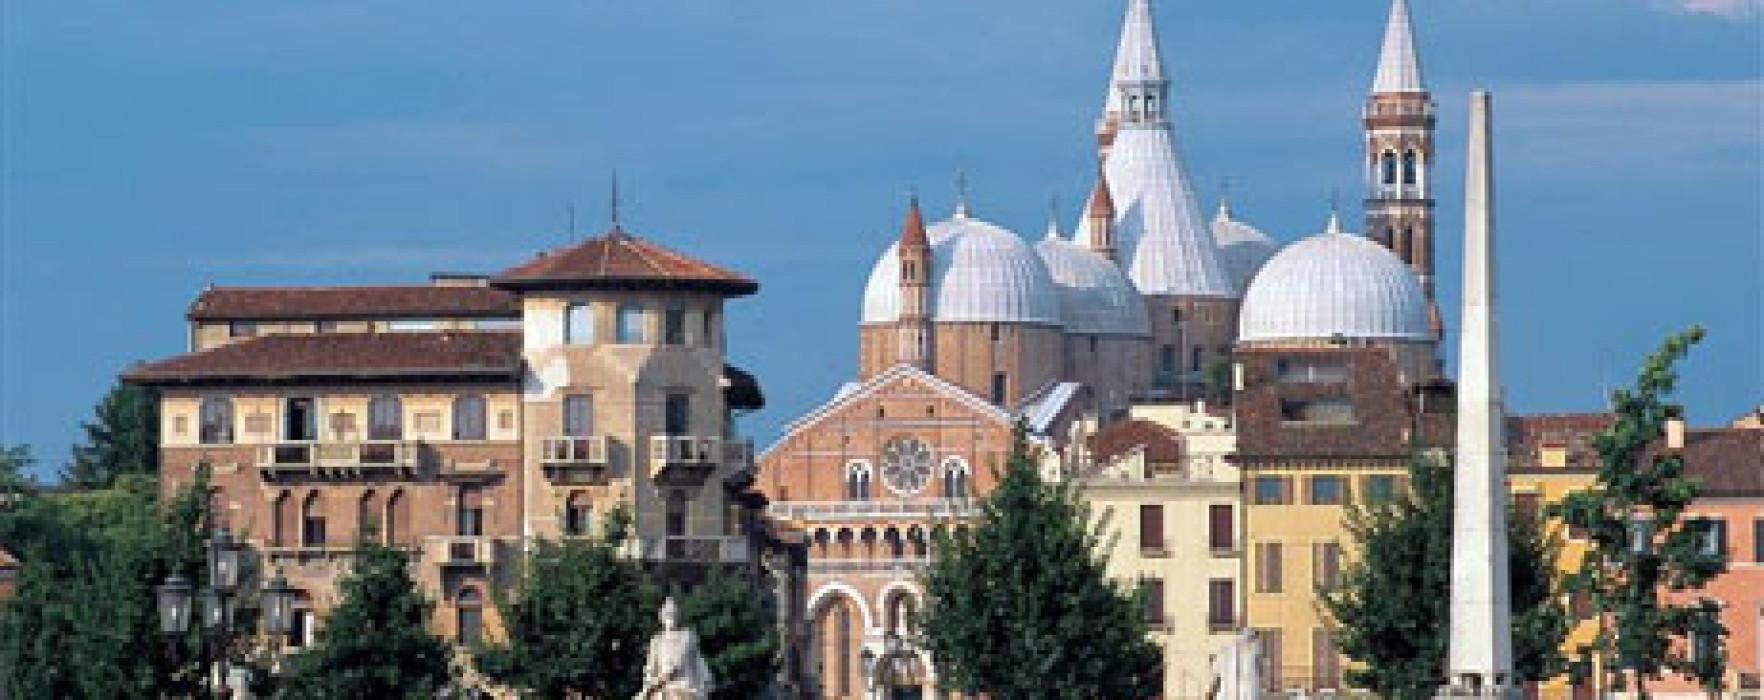 Padova e centrosinistra: la difficile ma necessaria tessitura